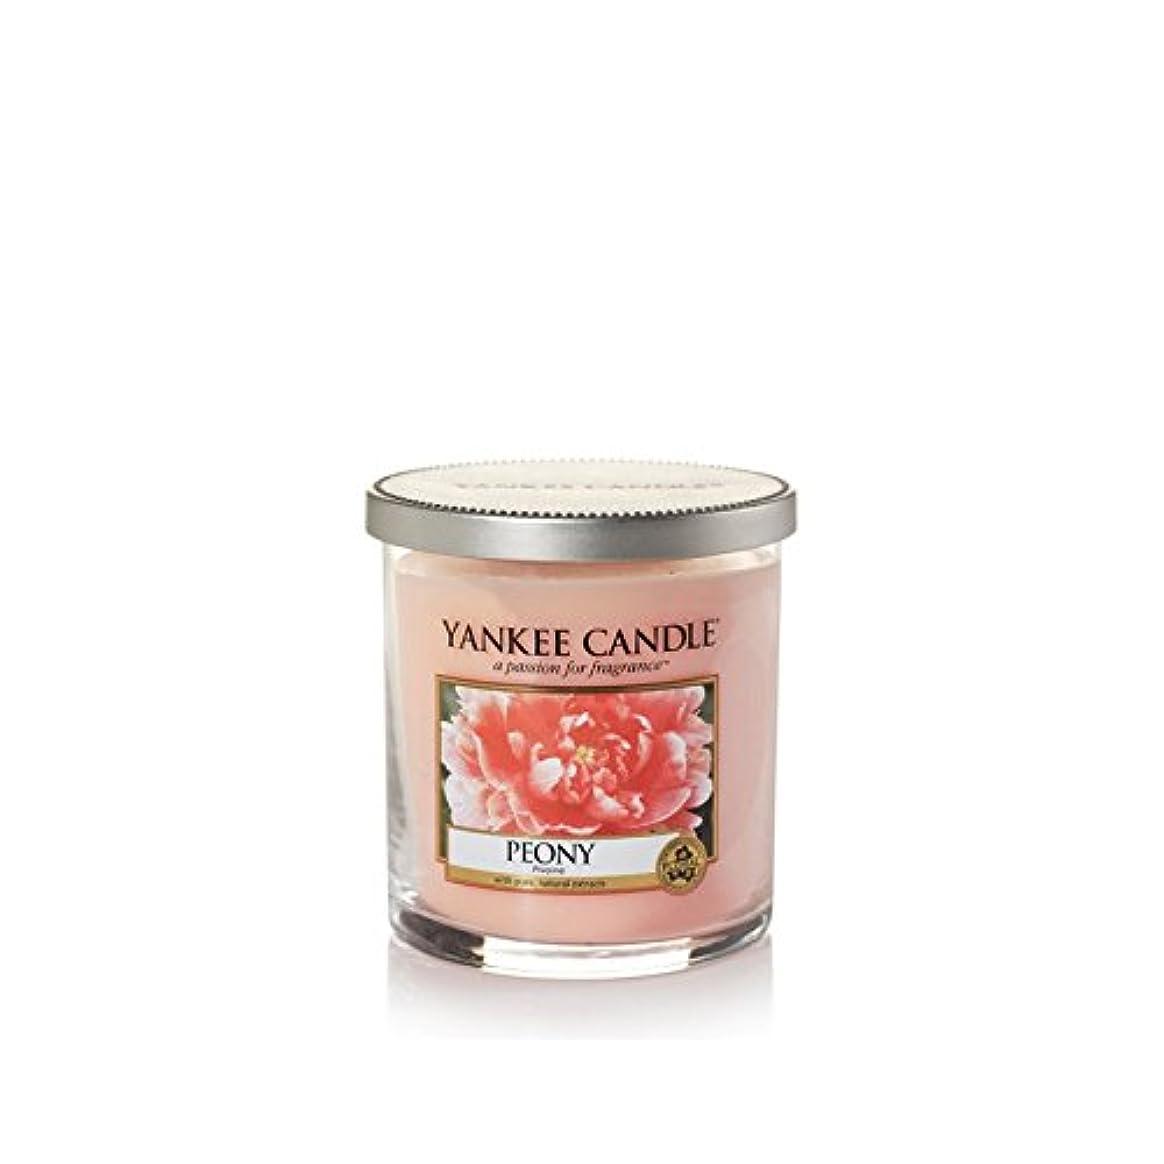 介入する管理します交差点Yankee Candles Small Pillar Candle - Peony (Pack of 2) - ヤンキーキャンドルの小さな柱キャンドル - 牡丹 (x2) [並行輸入品]